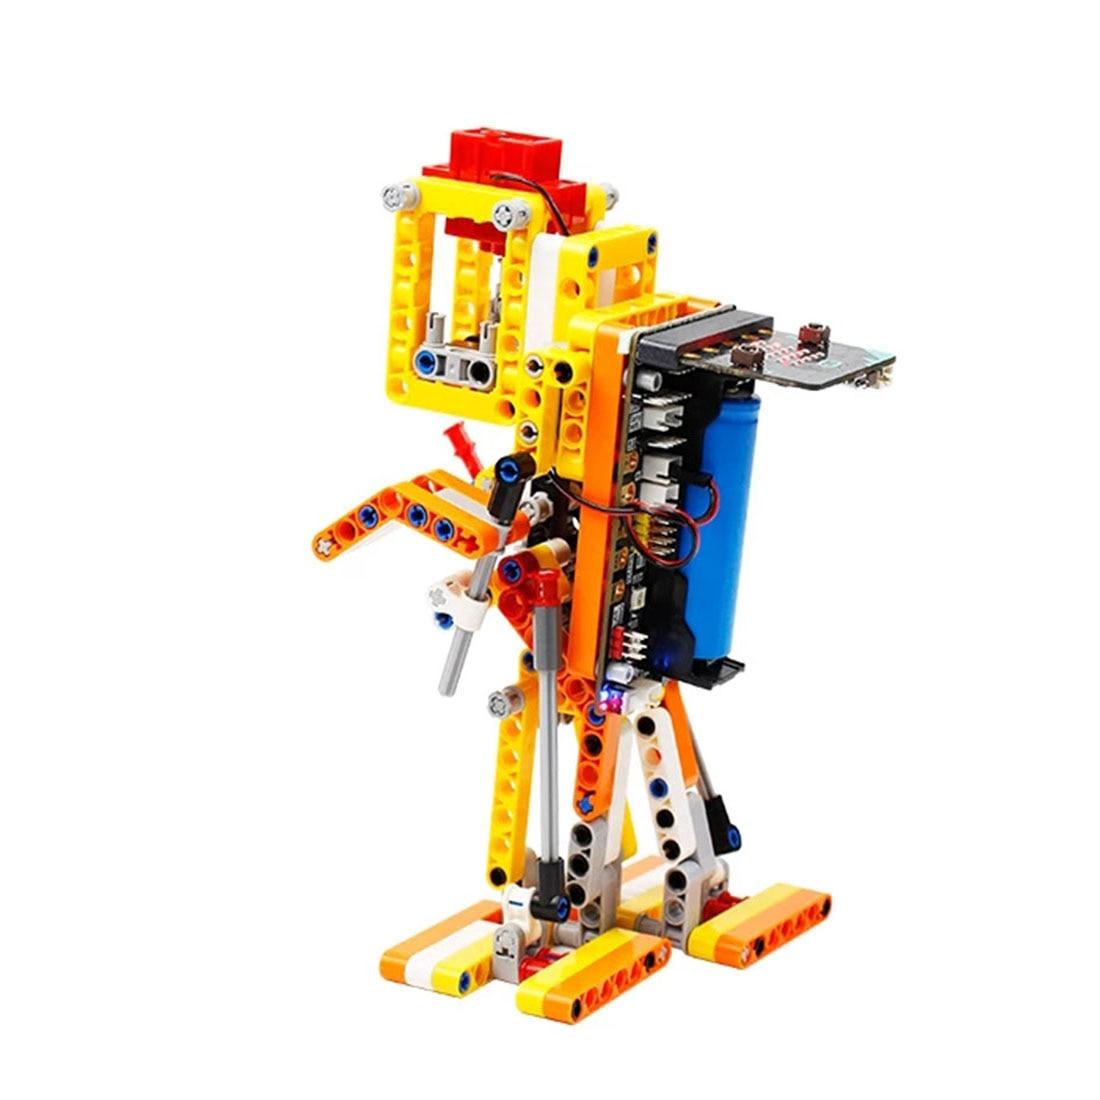 Program Intelligent Walking Robot Kit Steam Programming Education Robot For Micro:Bit Programable Toys Men Kids Gift Hot Sale